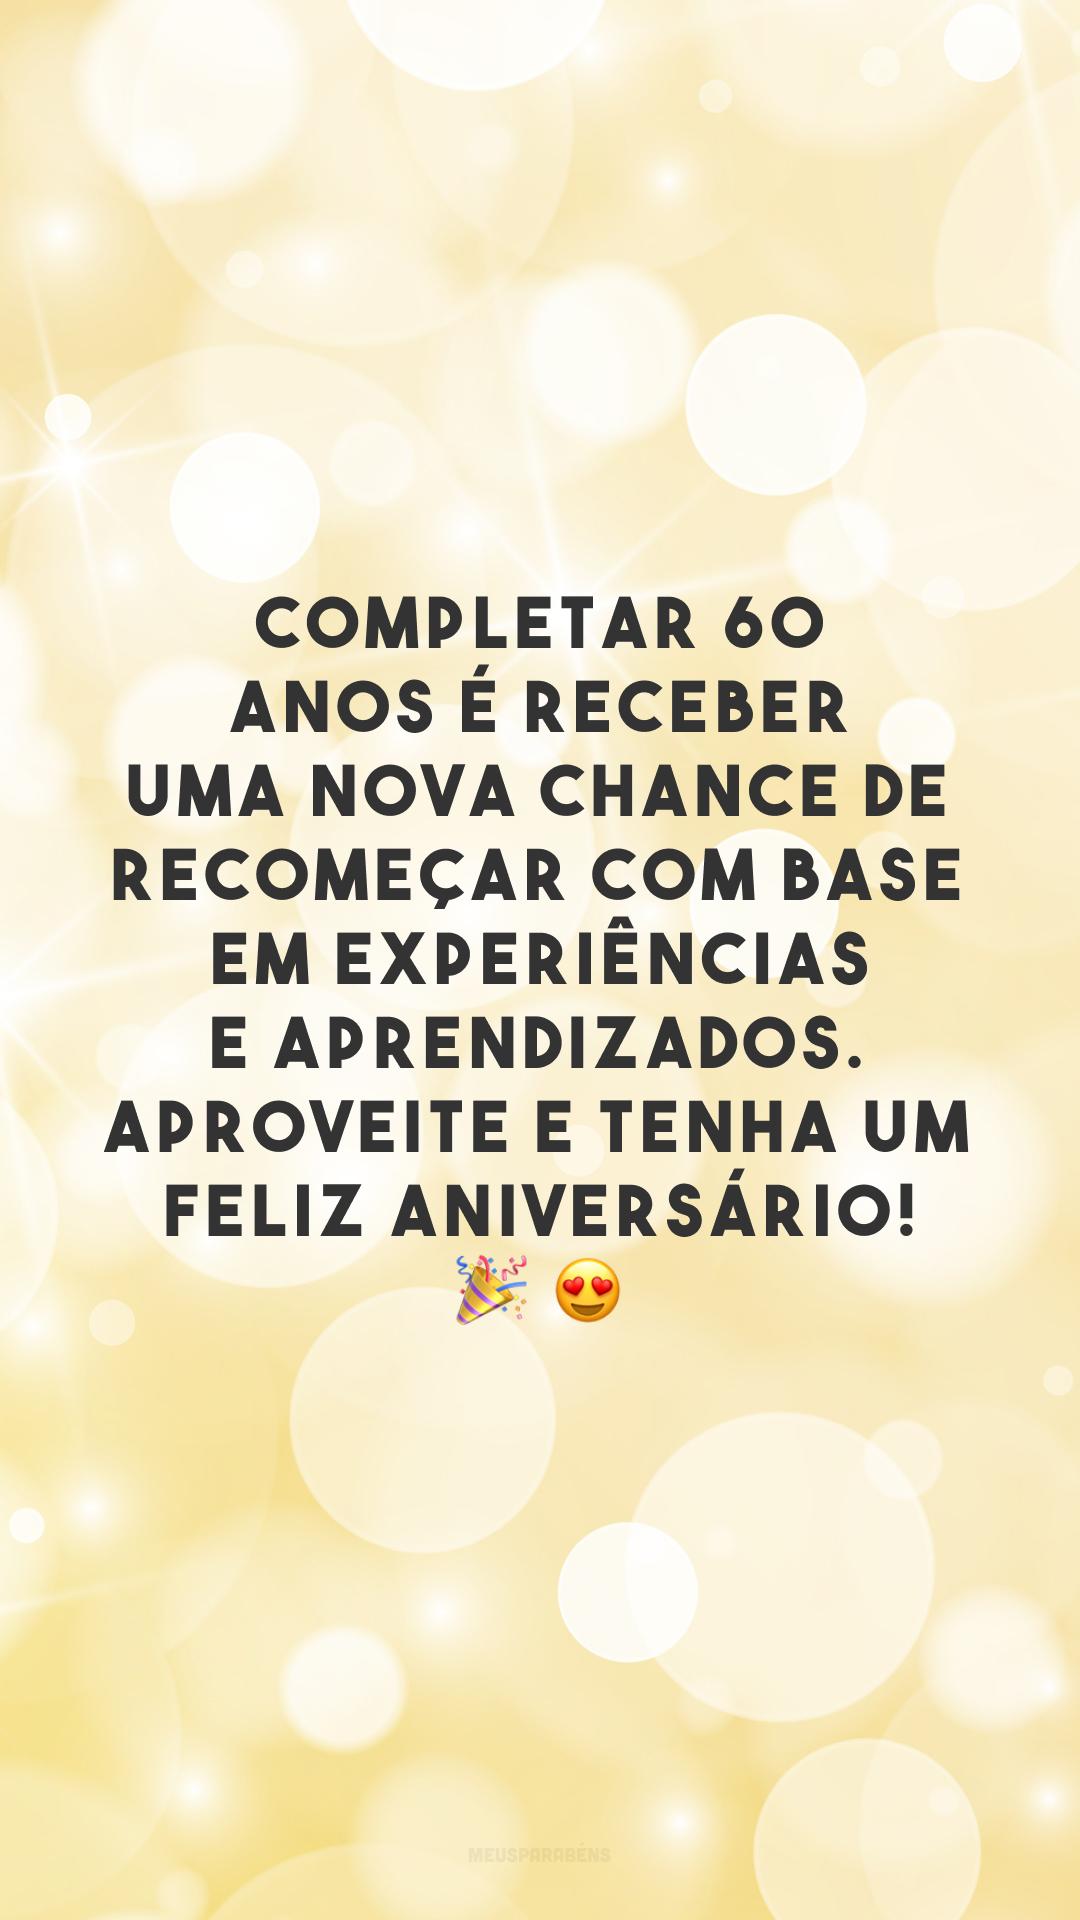 Completar 60 anos é receber uma nova chance de recomeçar com base em experiências e aprendizados. Aproveite e tenha um feliz aniversário! 🎉 😍